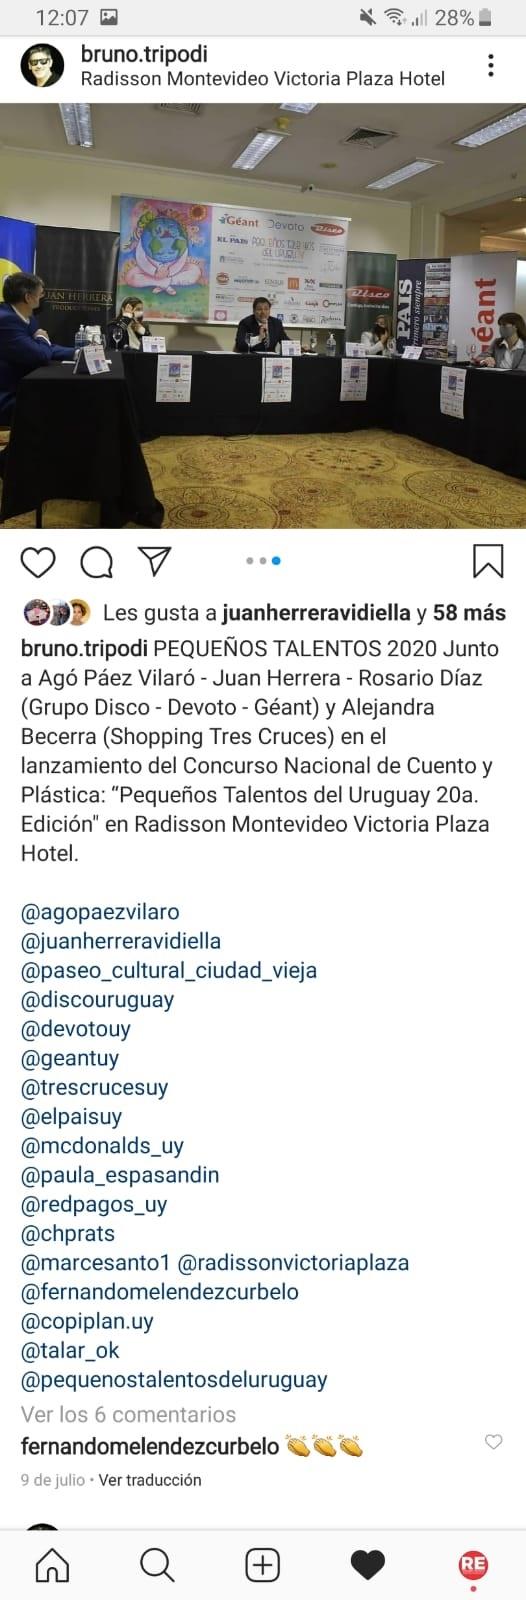 Bruno Tripodi Instagram 2